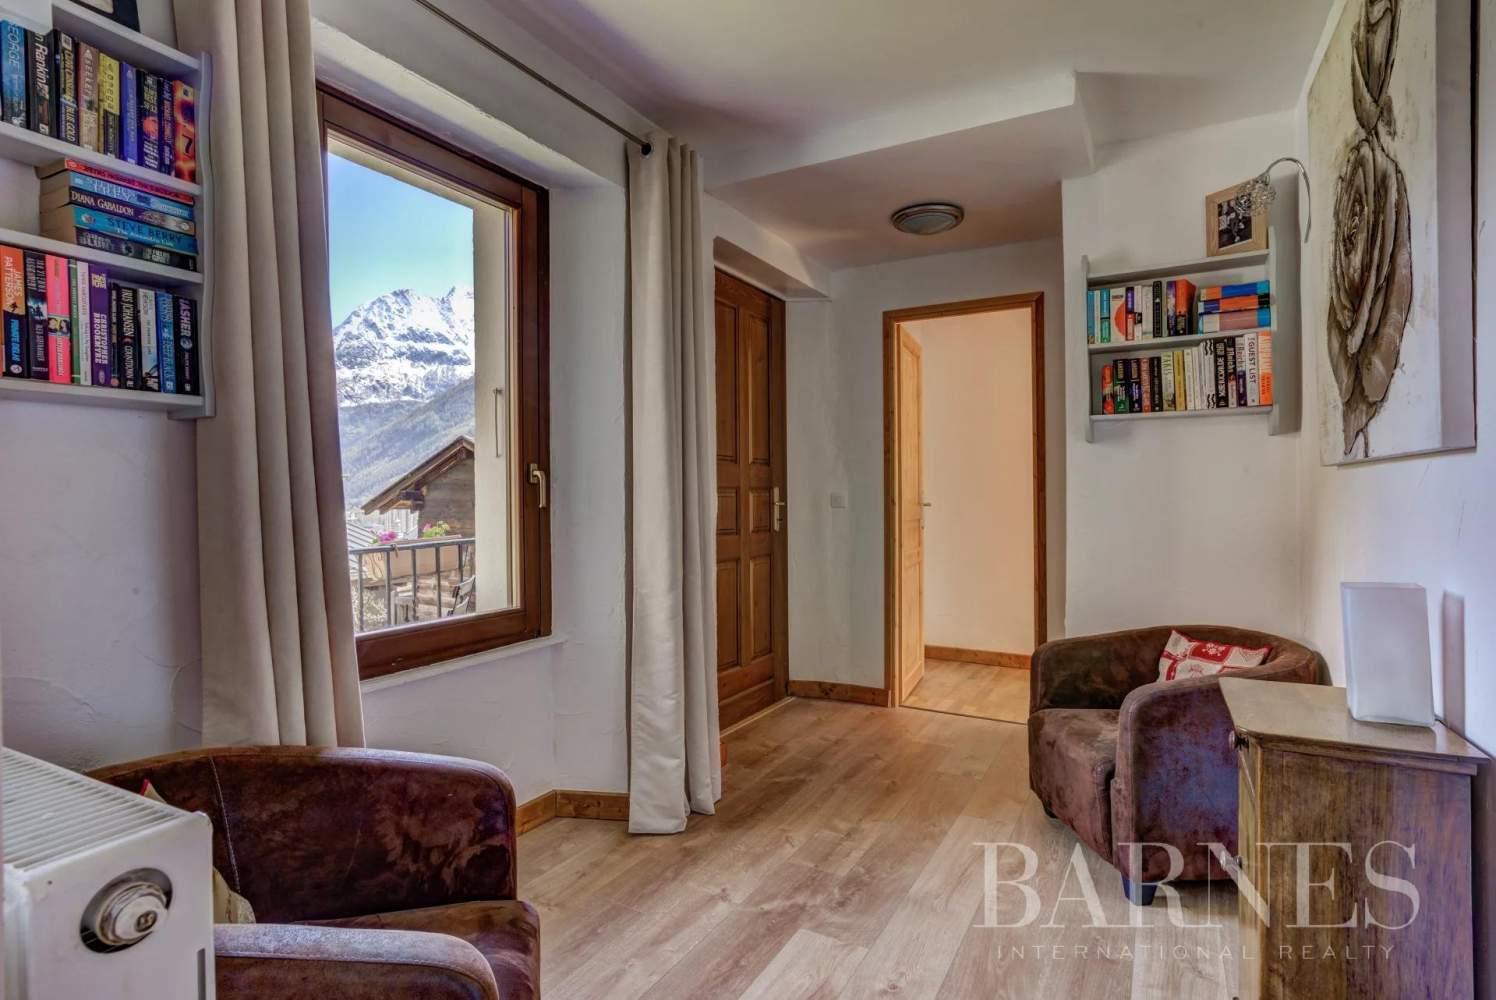 Chamonix-Mont-Blanc  - Maison de village 7 Pièces 5 Chambres - picture 14